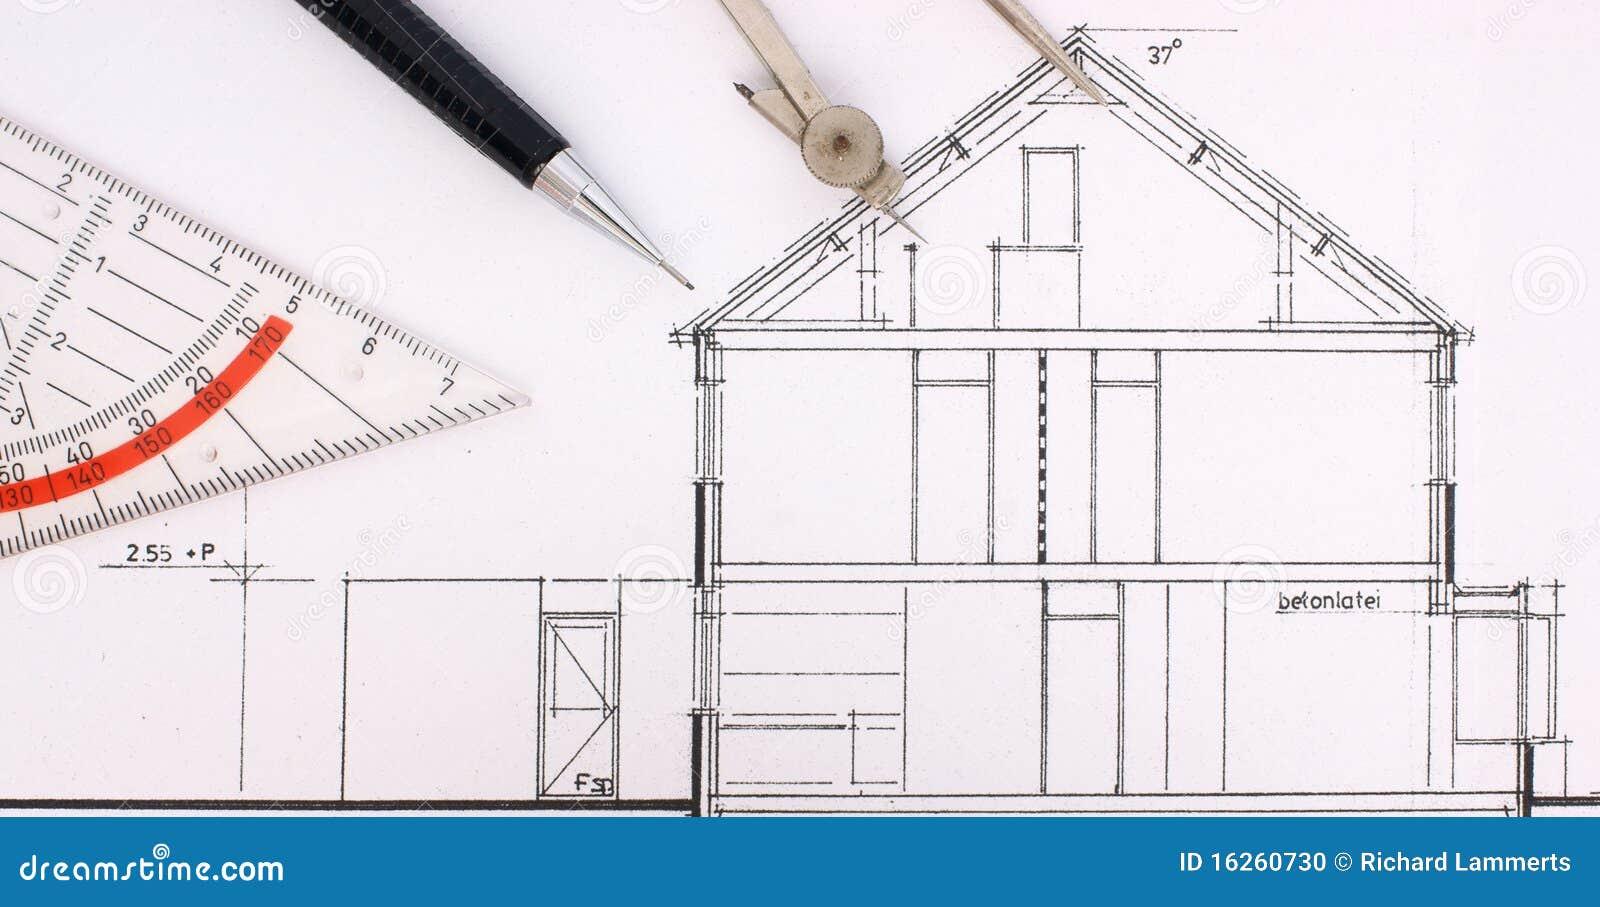 Gráfico de construcción de una casa